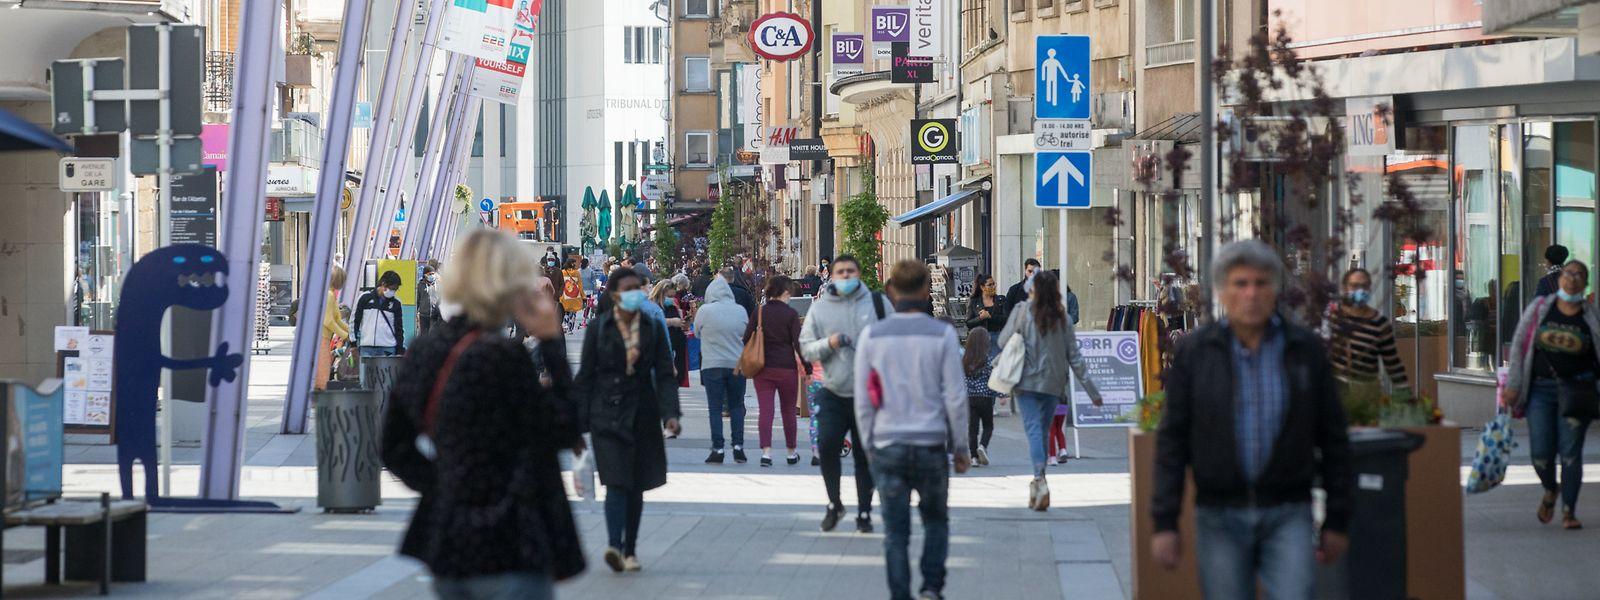 Am Freitag herrschte reger Betrieb in der Escher Fußgängerzone.